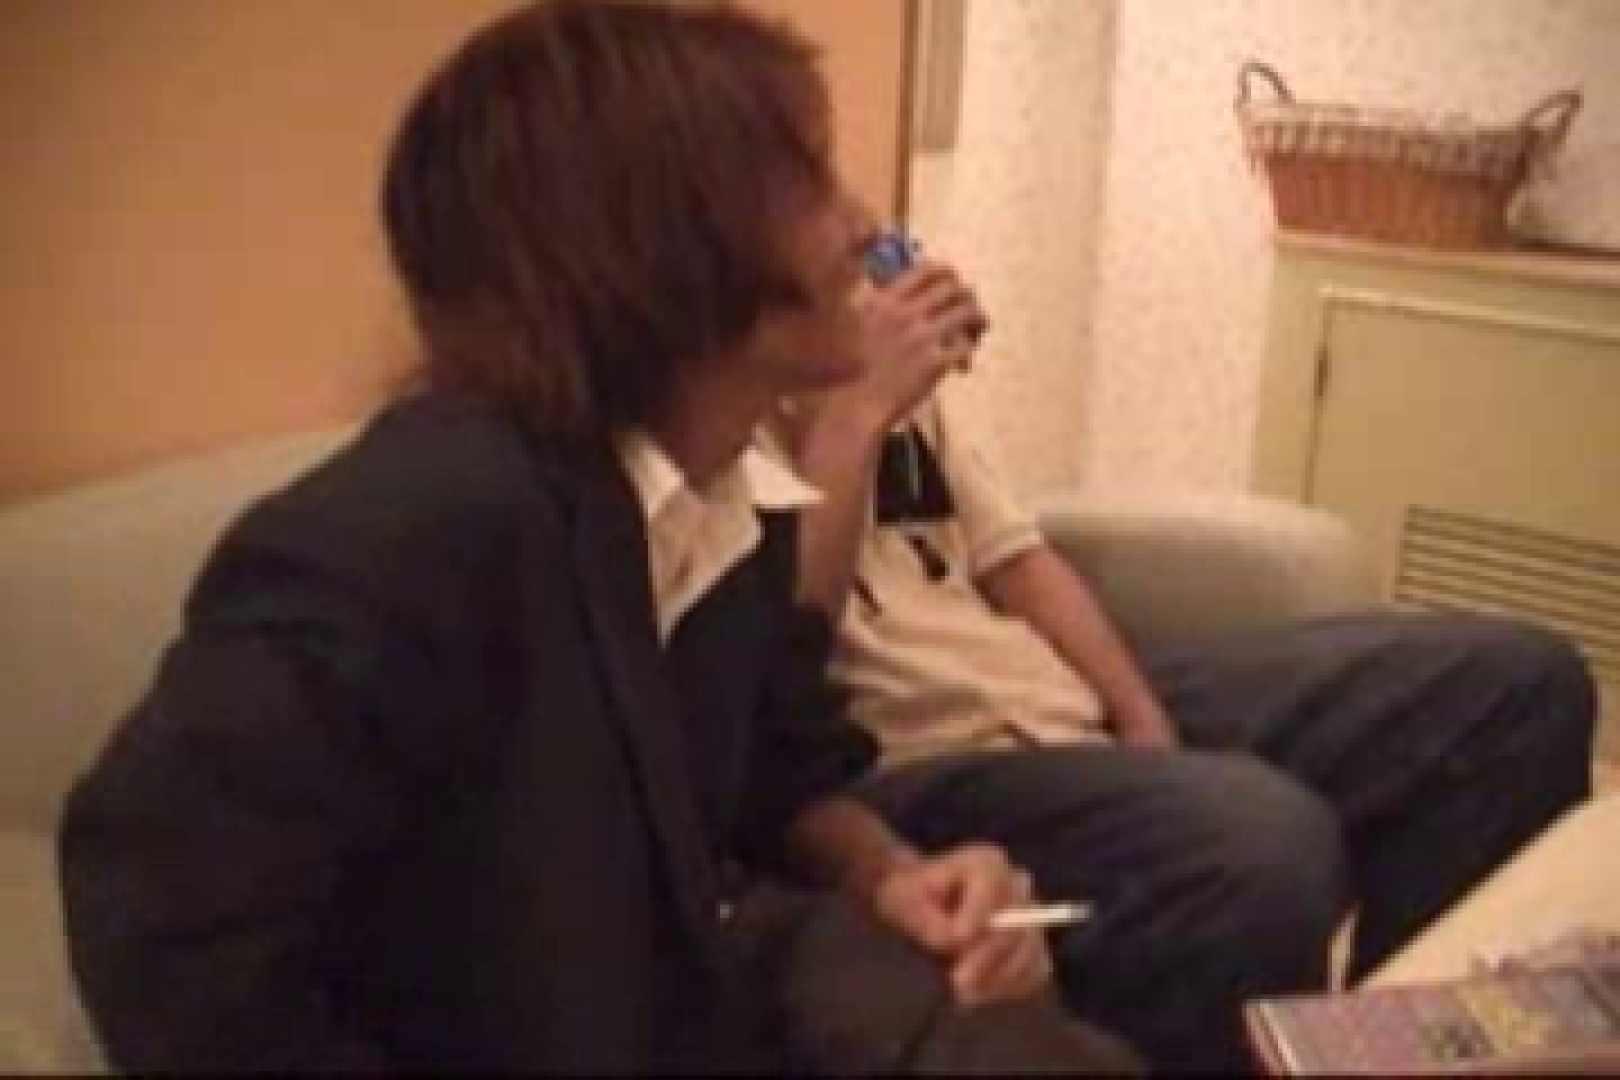 【流出】ジャニ系イケメン!!フライング&アナルが痛くて出来ません!! チンコ動画 射精無修正動画 83枚 61